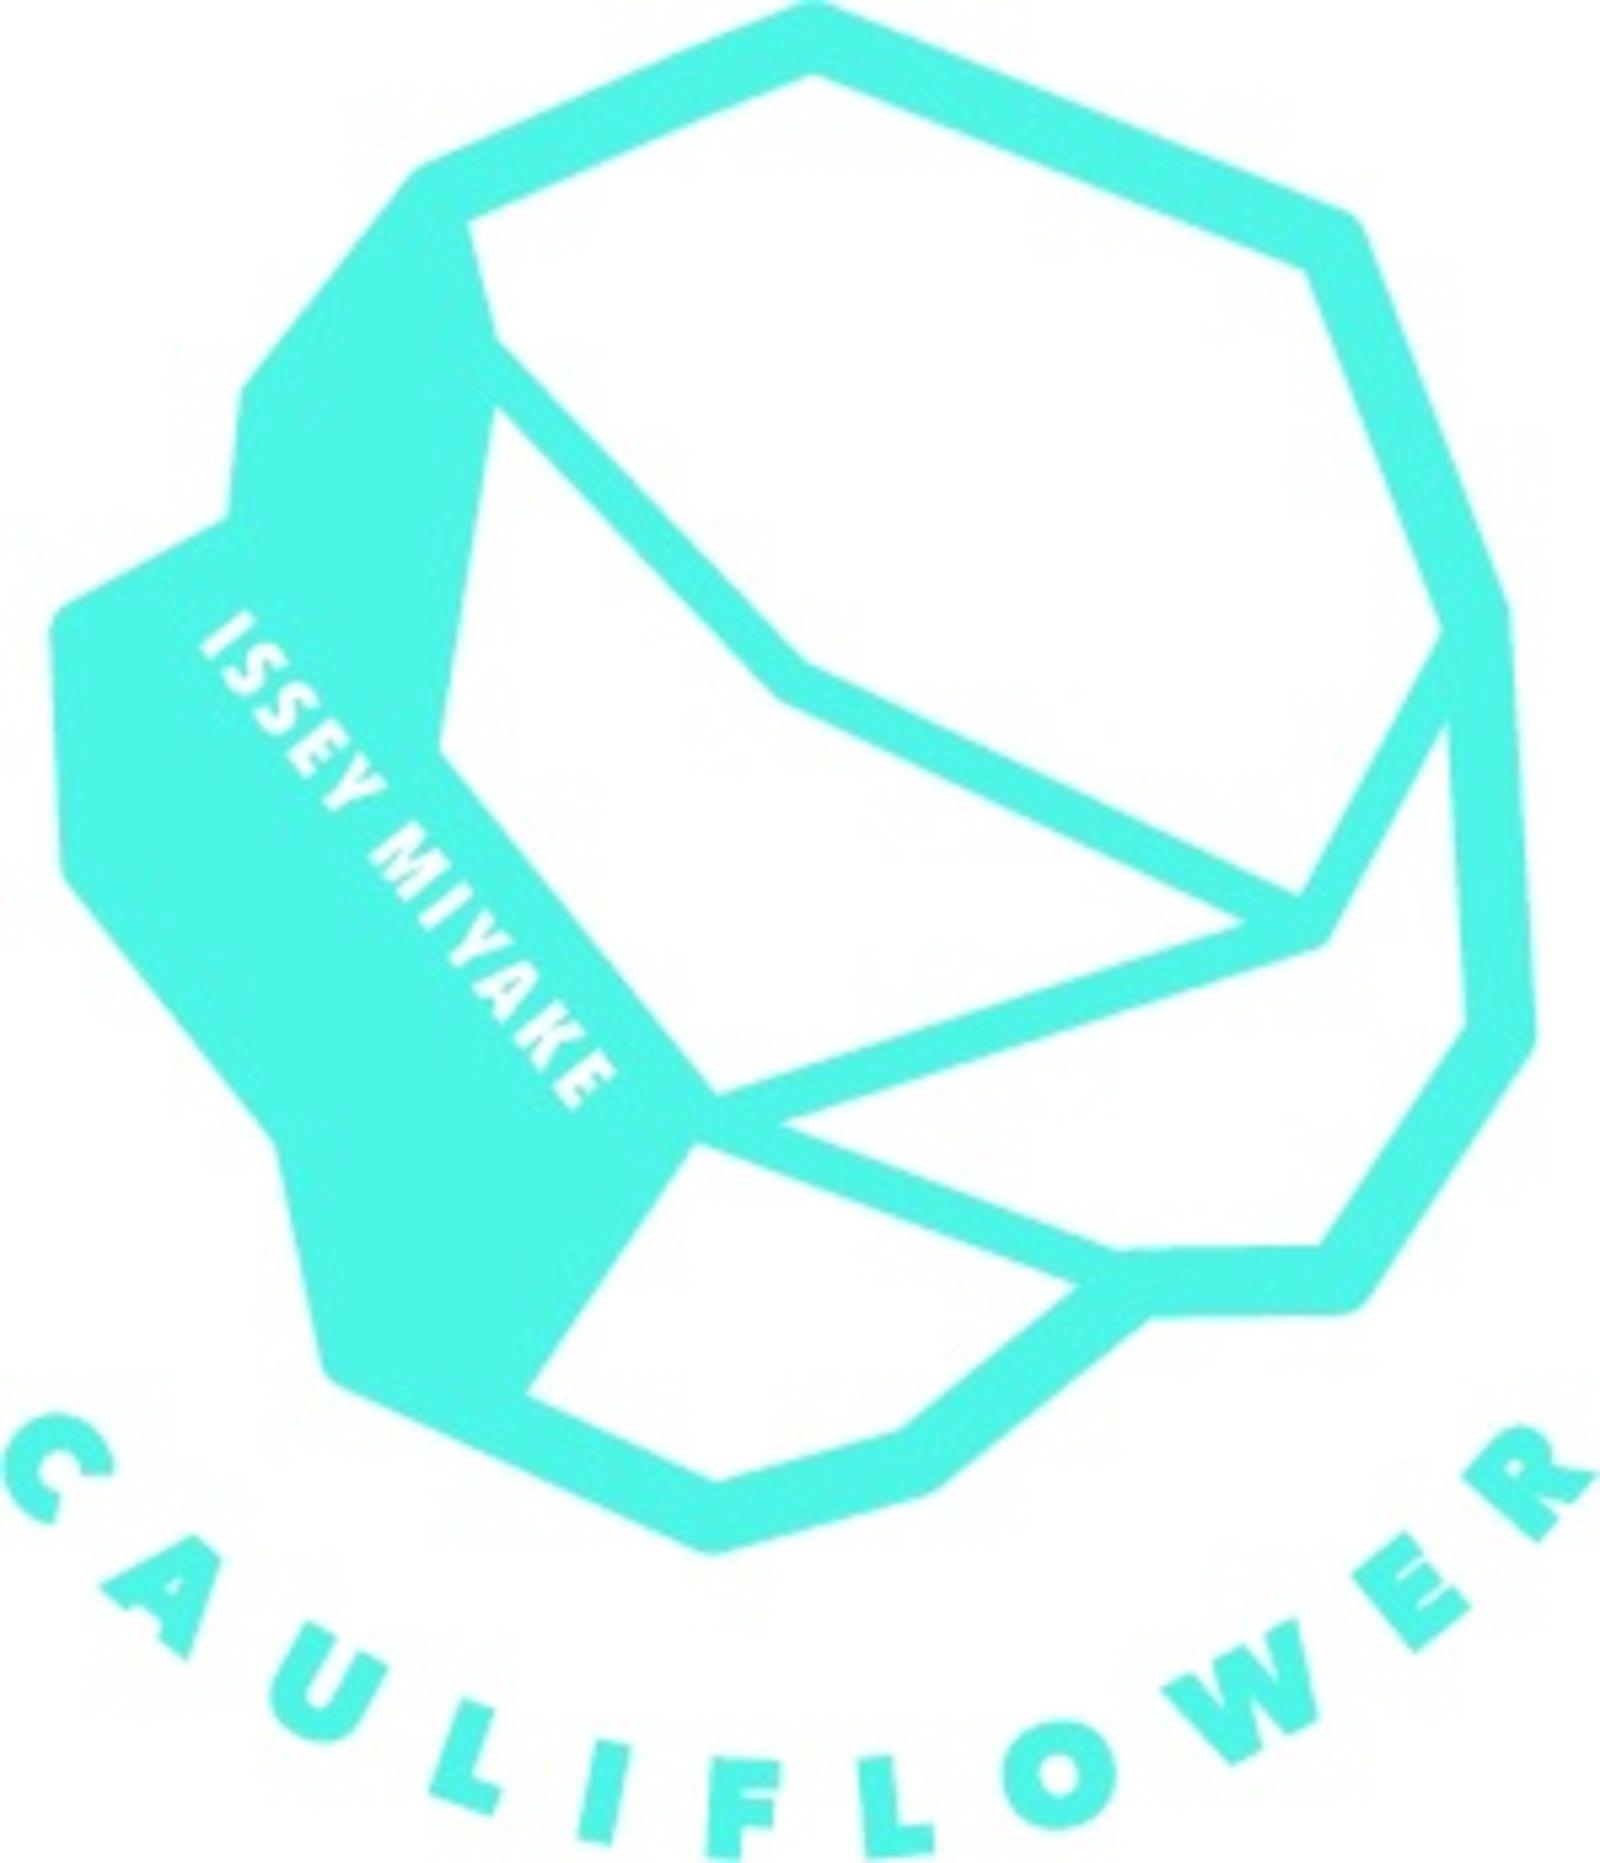 ISSEY MIYAKE CAULIFLOWER (Image 1)